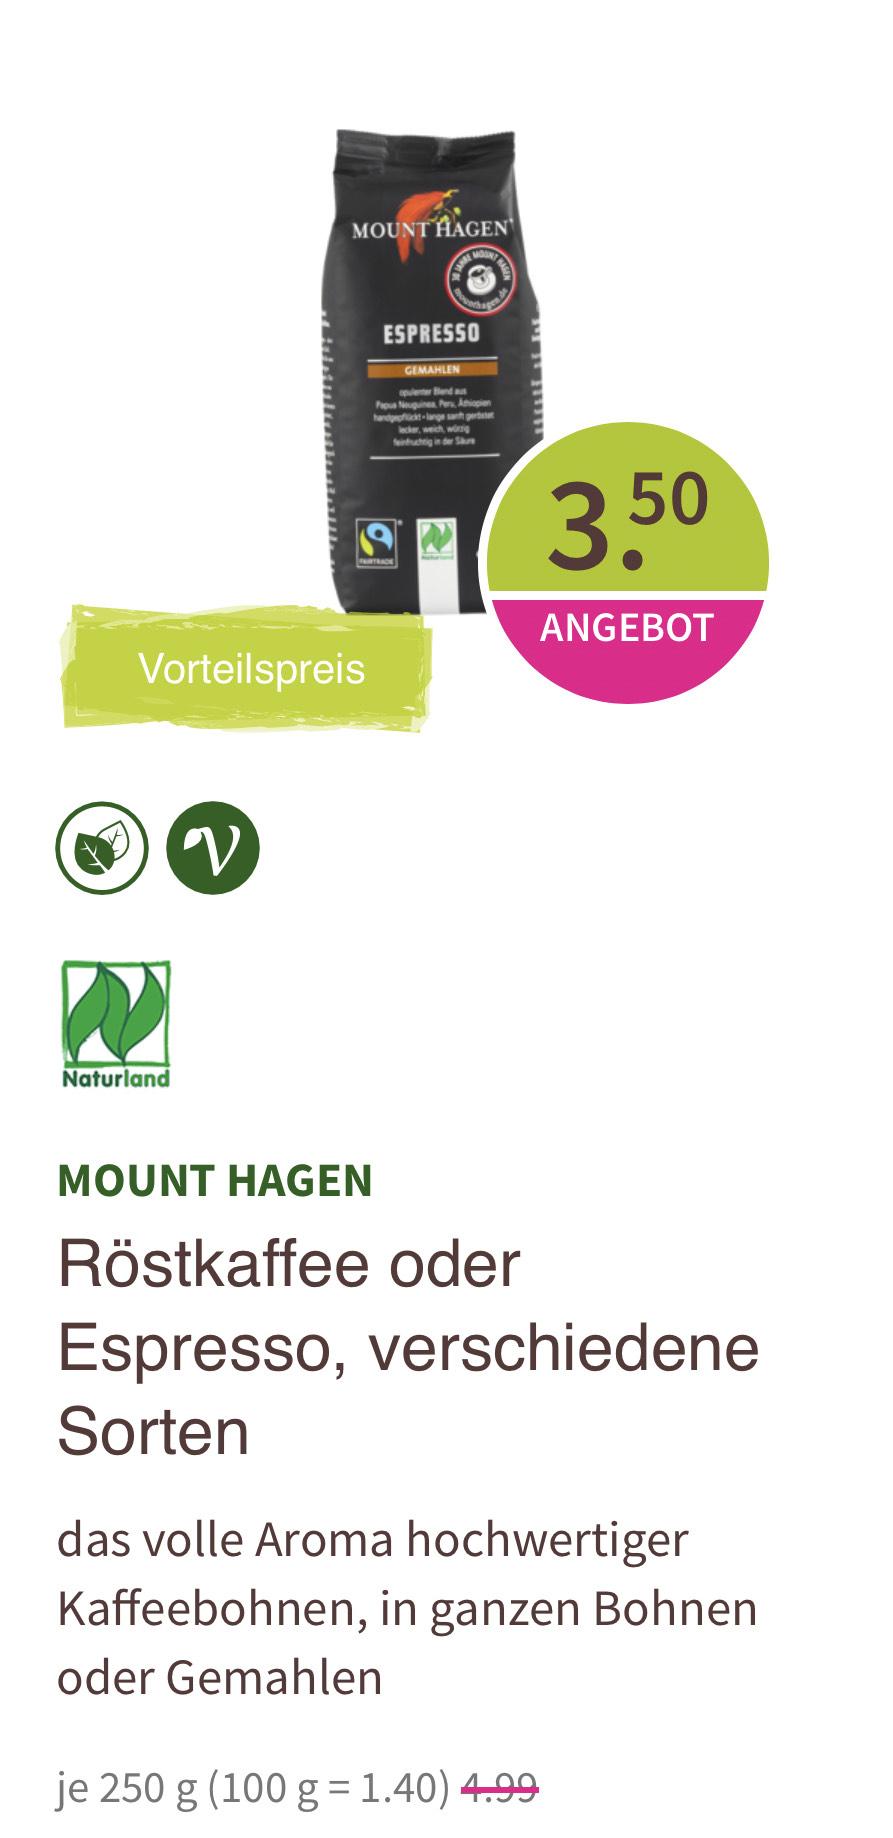 Offline: Mount Hagen Bio Fairtrade Espresso oder Röstkaffee (250g)